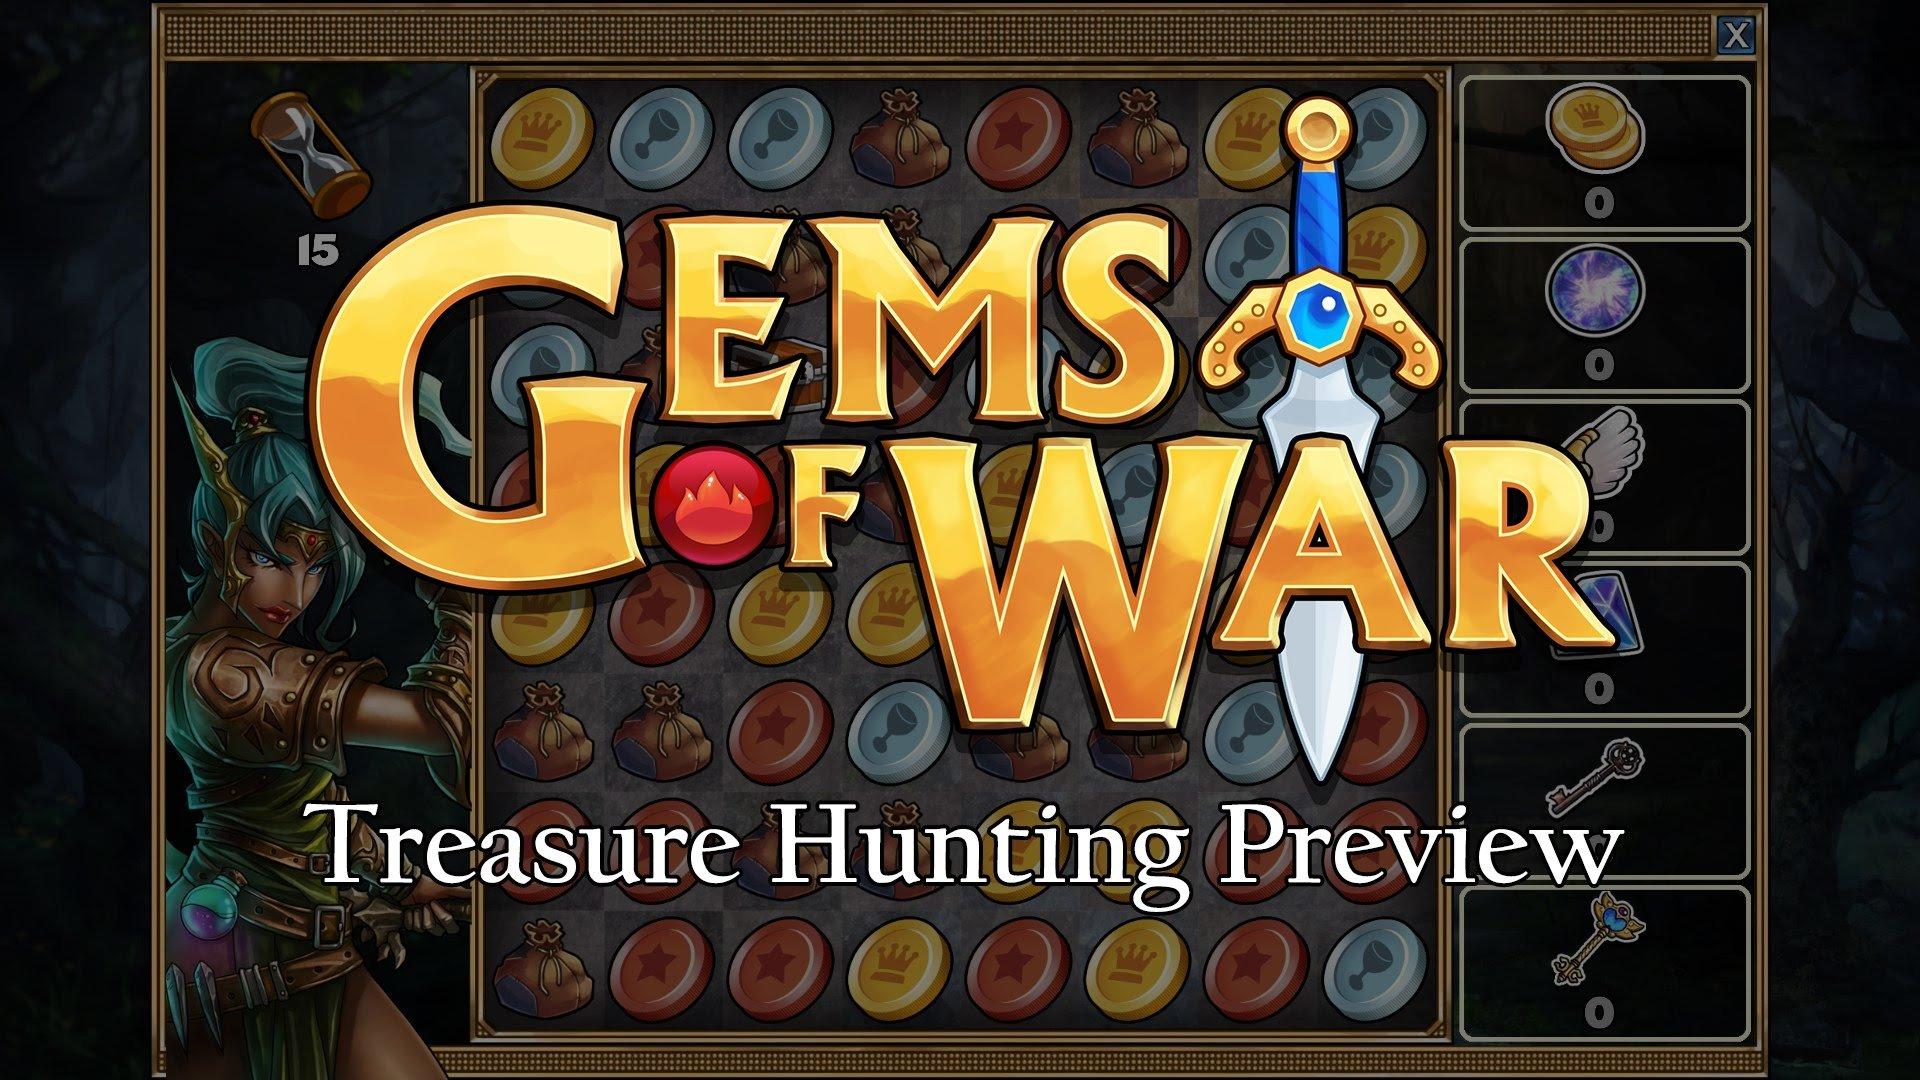 Gems of War. Пузл Квест Онлайн, бесплатно, без регистрации и СМС. Нет, серьезно. Бесплатно. - Изображение 1